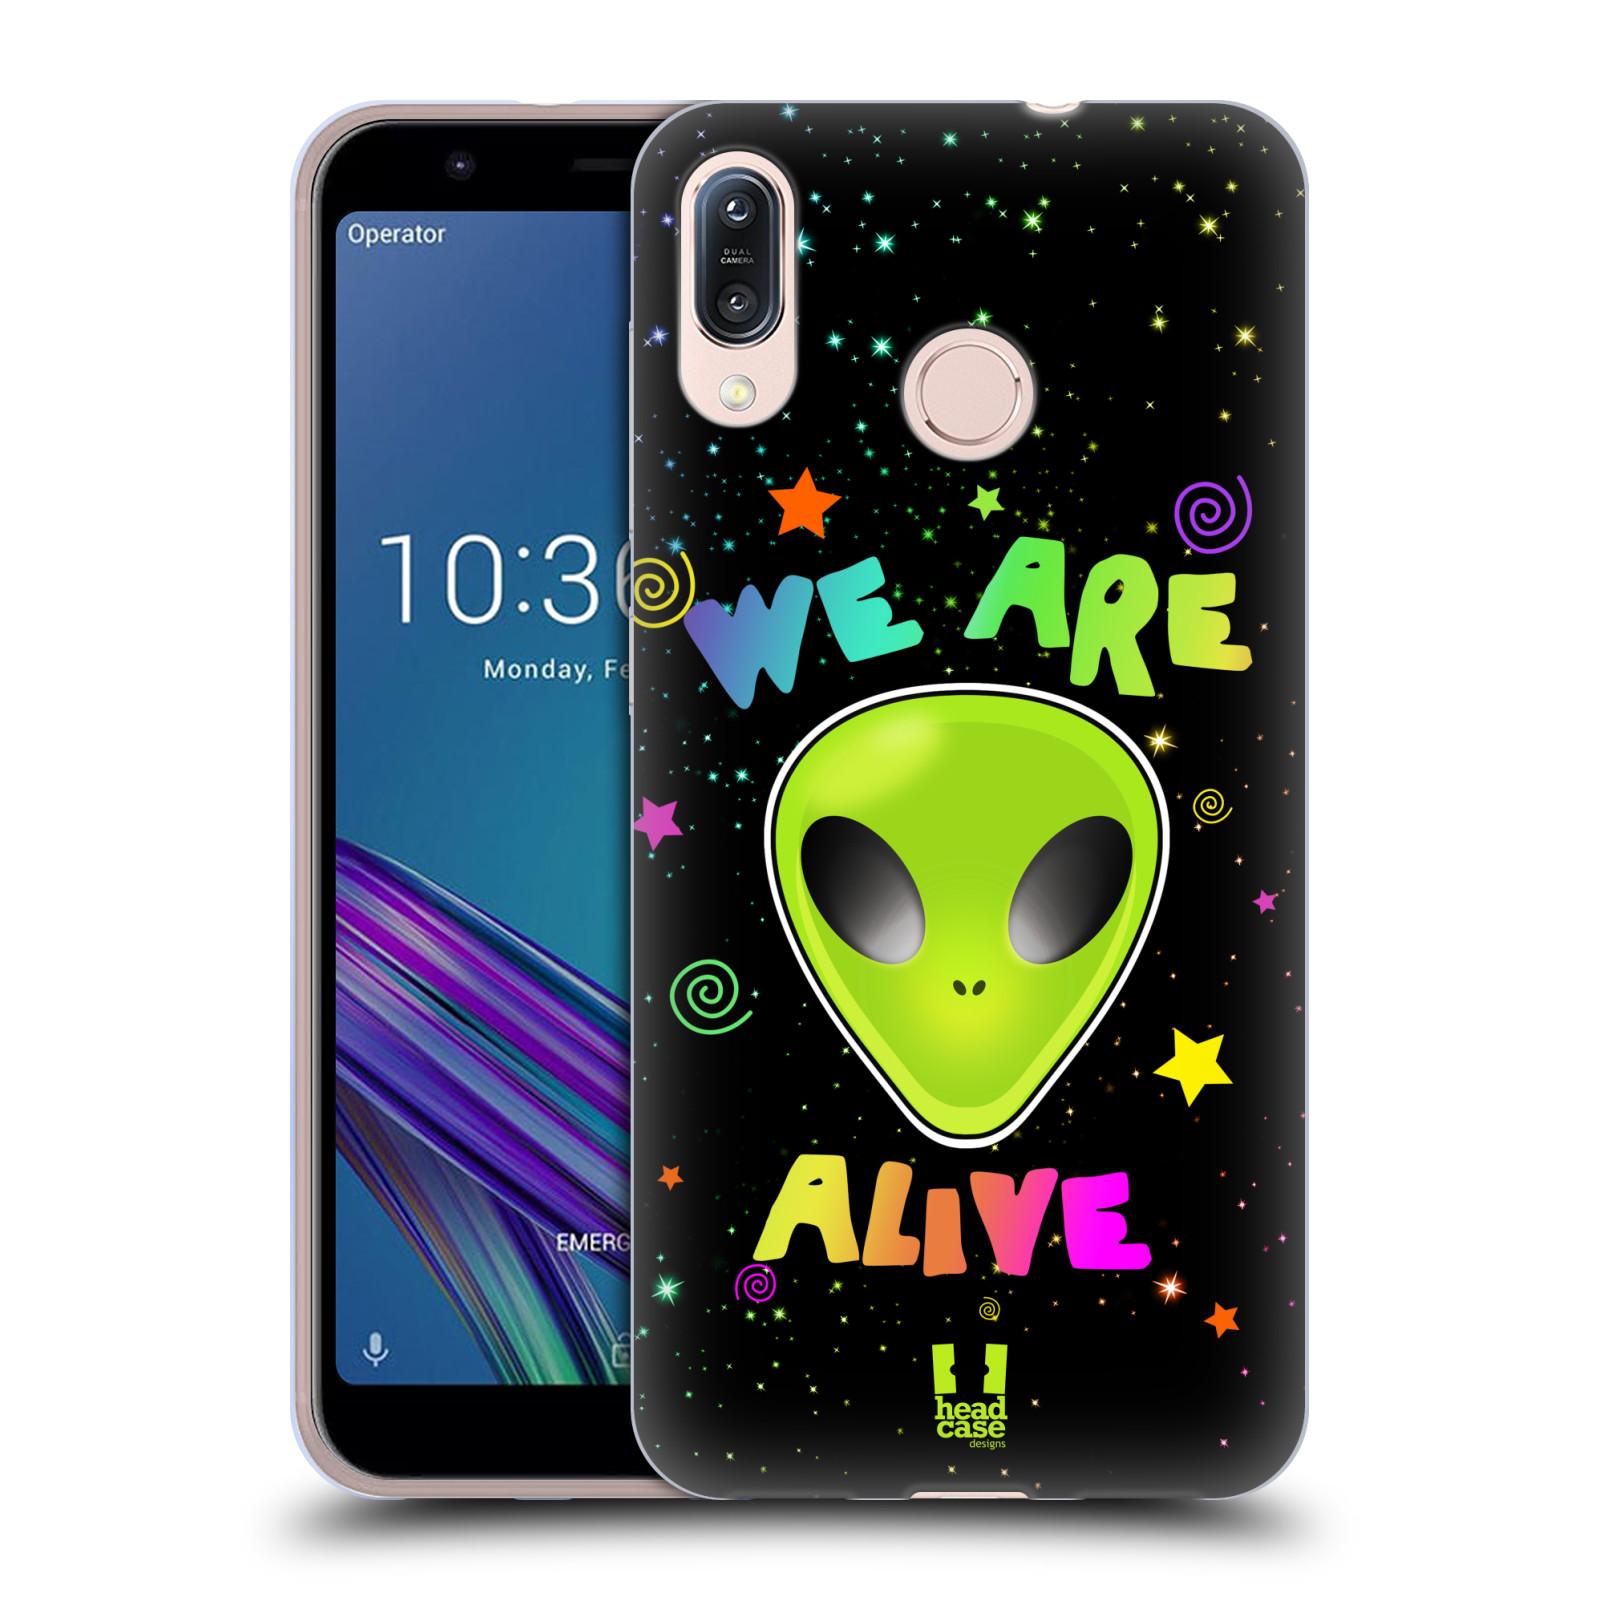 Silikonové pouzdro na mobil Asus Zenfone Max M1 ZB555KL - Head Case - ALIENS ALIVE